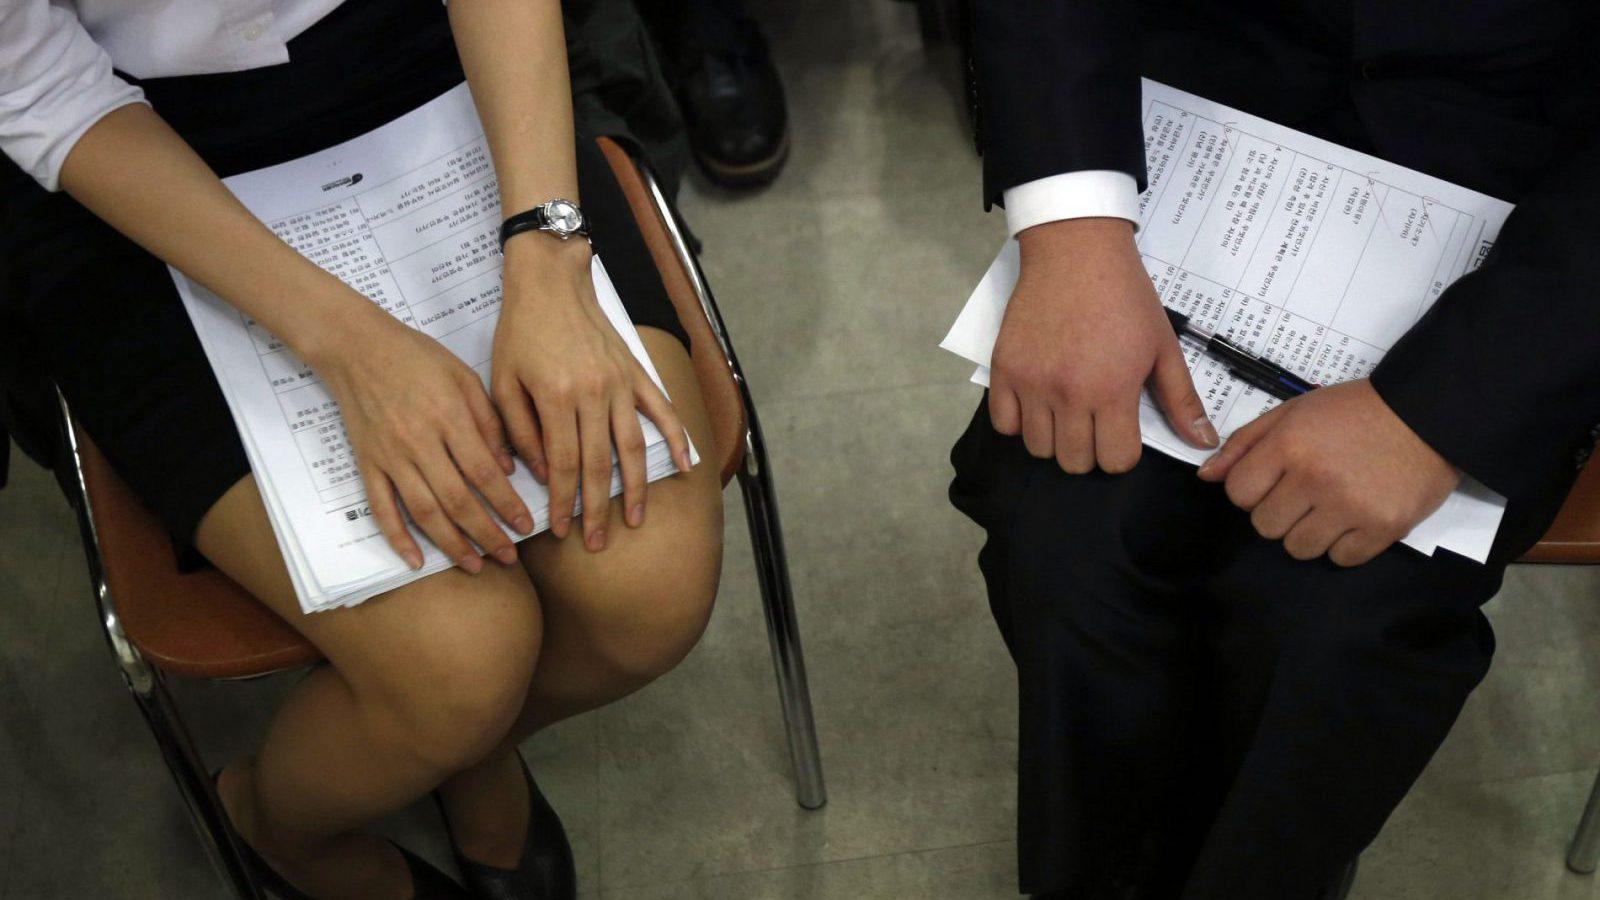 south-korea-job-interview-questions